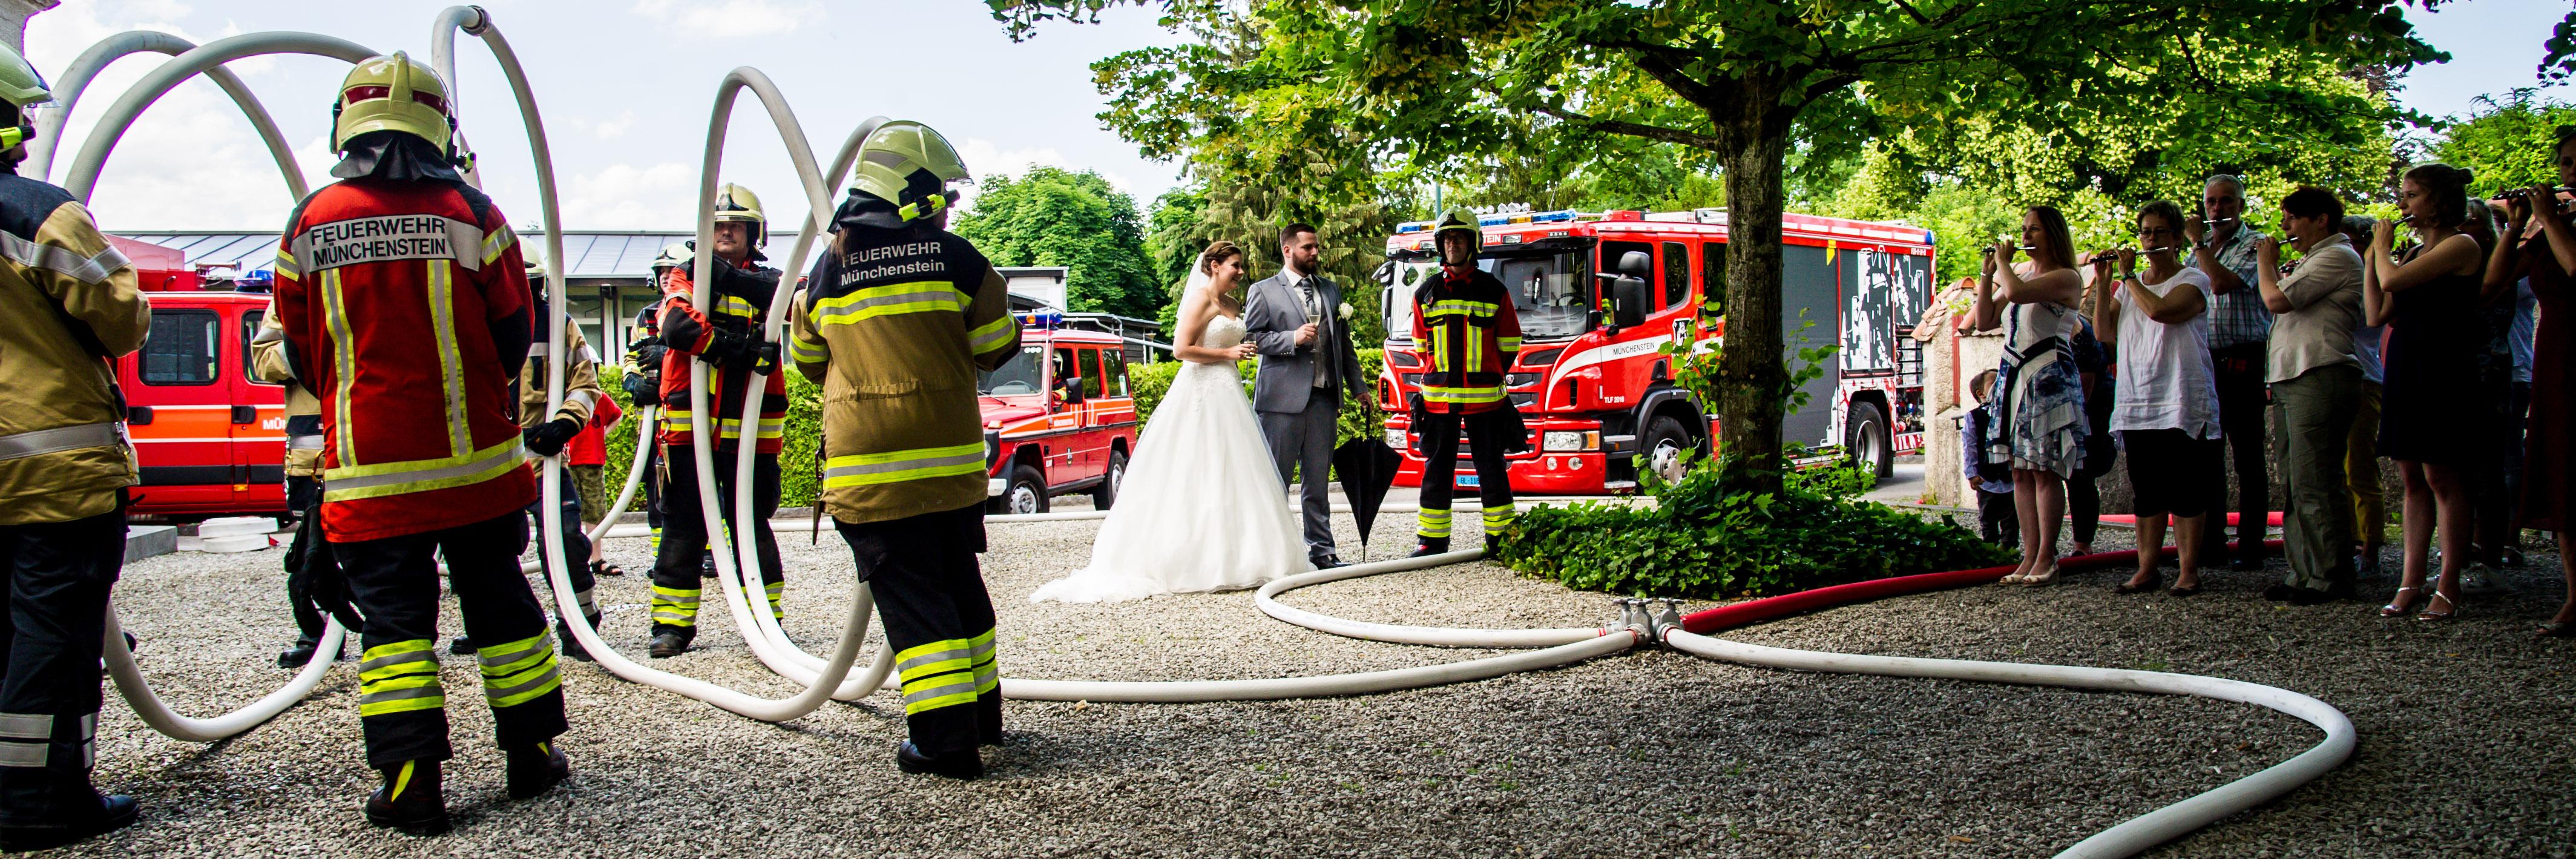 Hochzeit_von_Michèle_und_Dominik-221